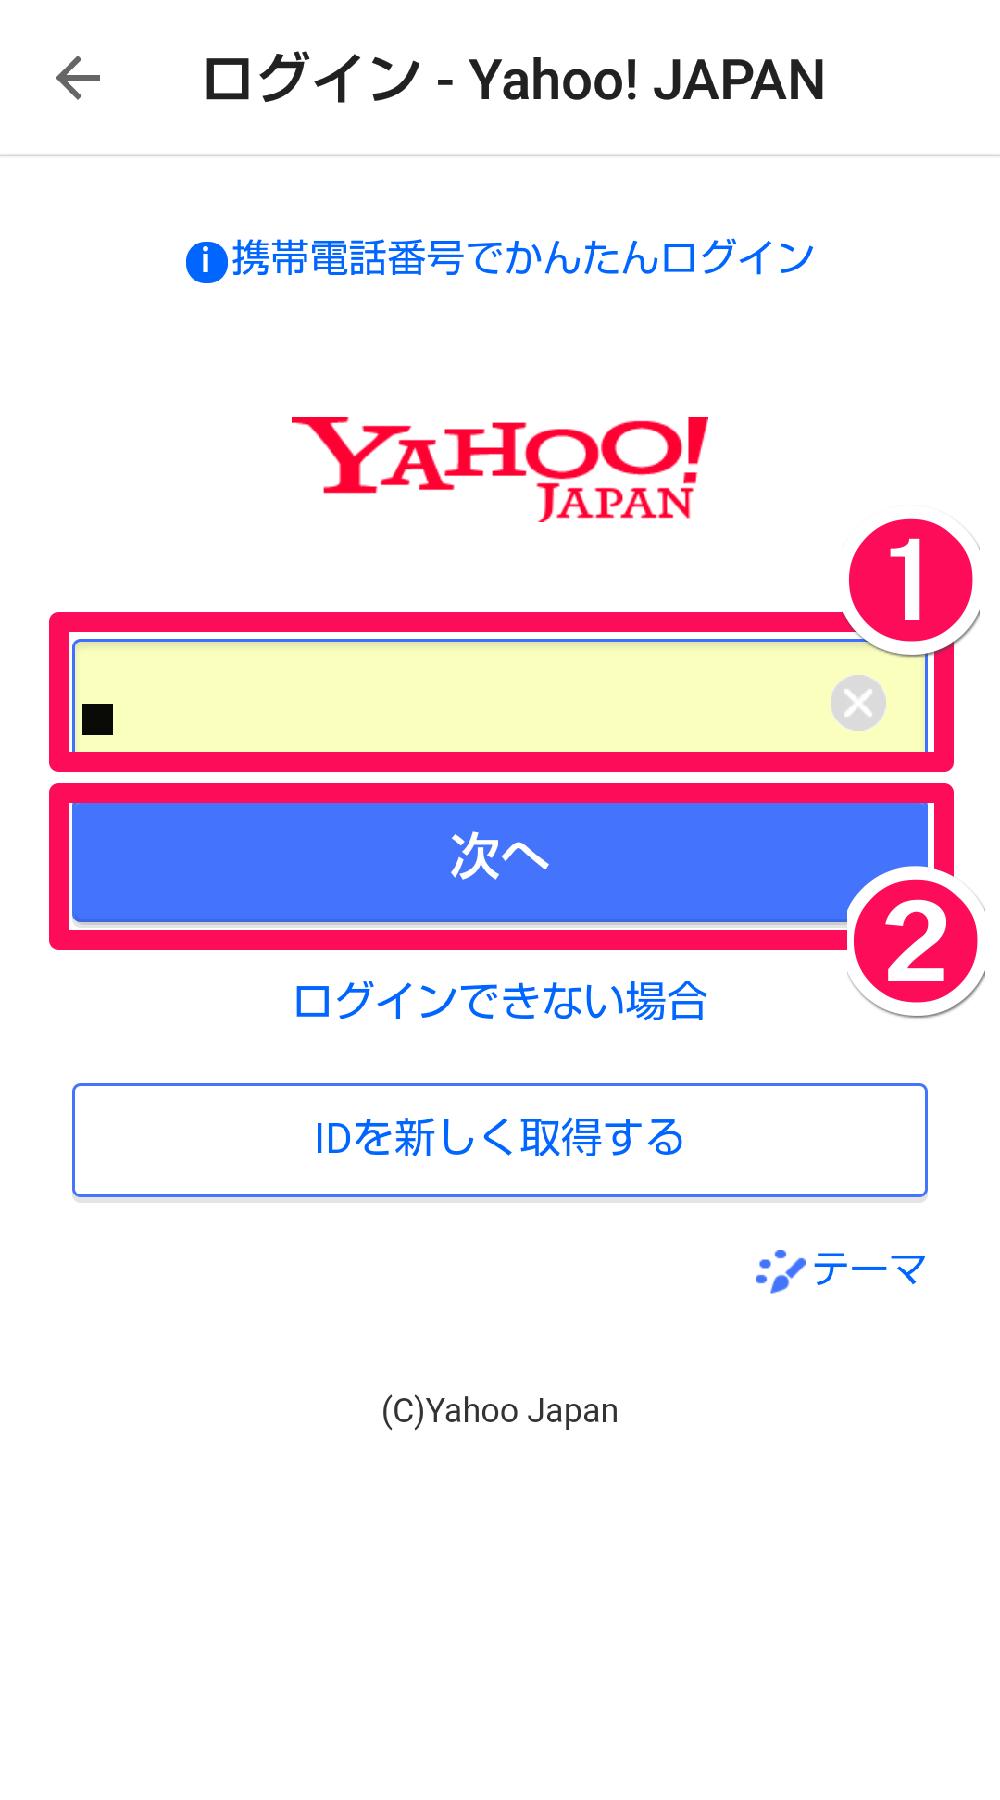 PayPayアプリ(ペイペイアプリ)でYahoo! JAPAN ID(ヤフーID)を入力する画面